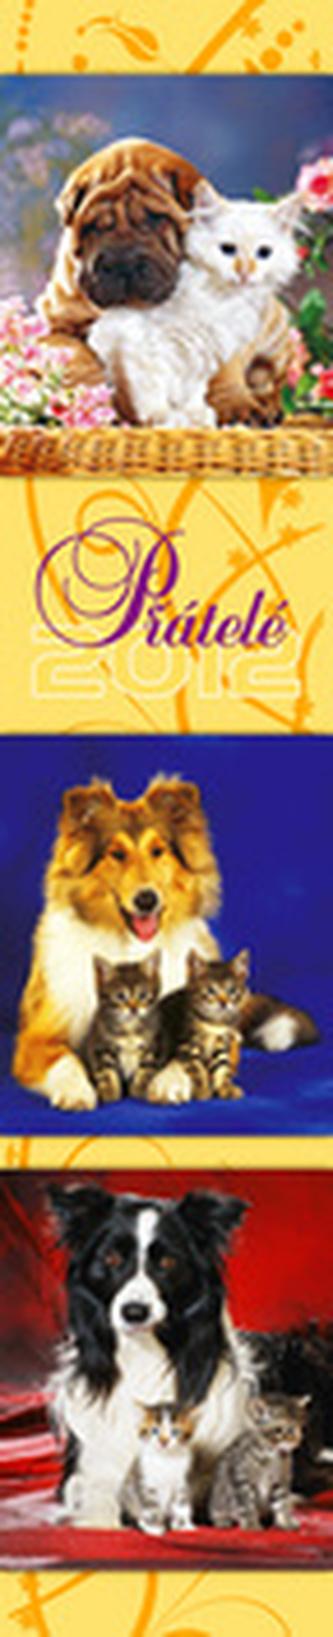 Přátelé - nástěnný kalendář 2012